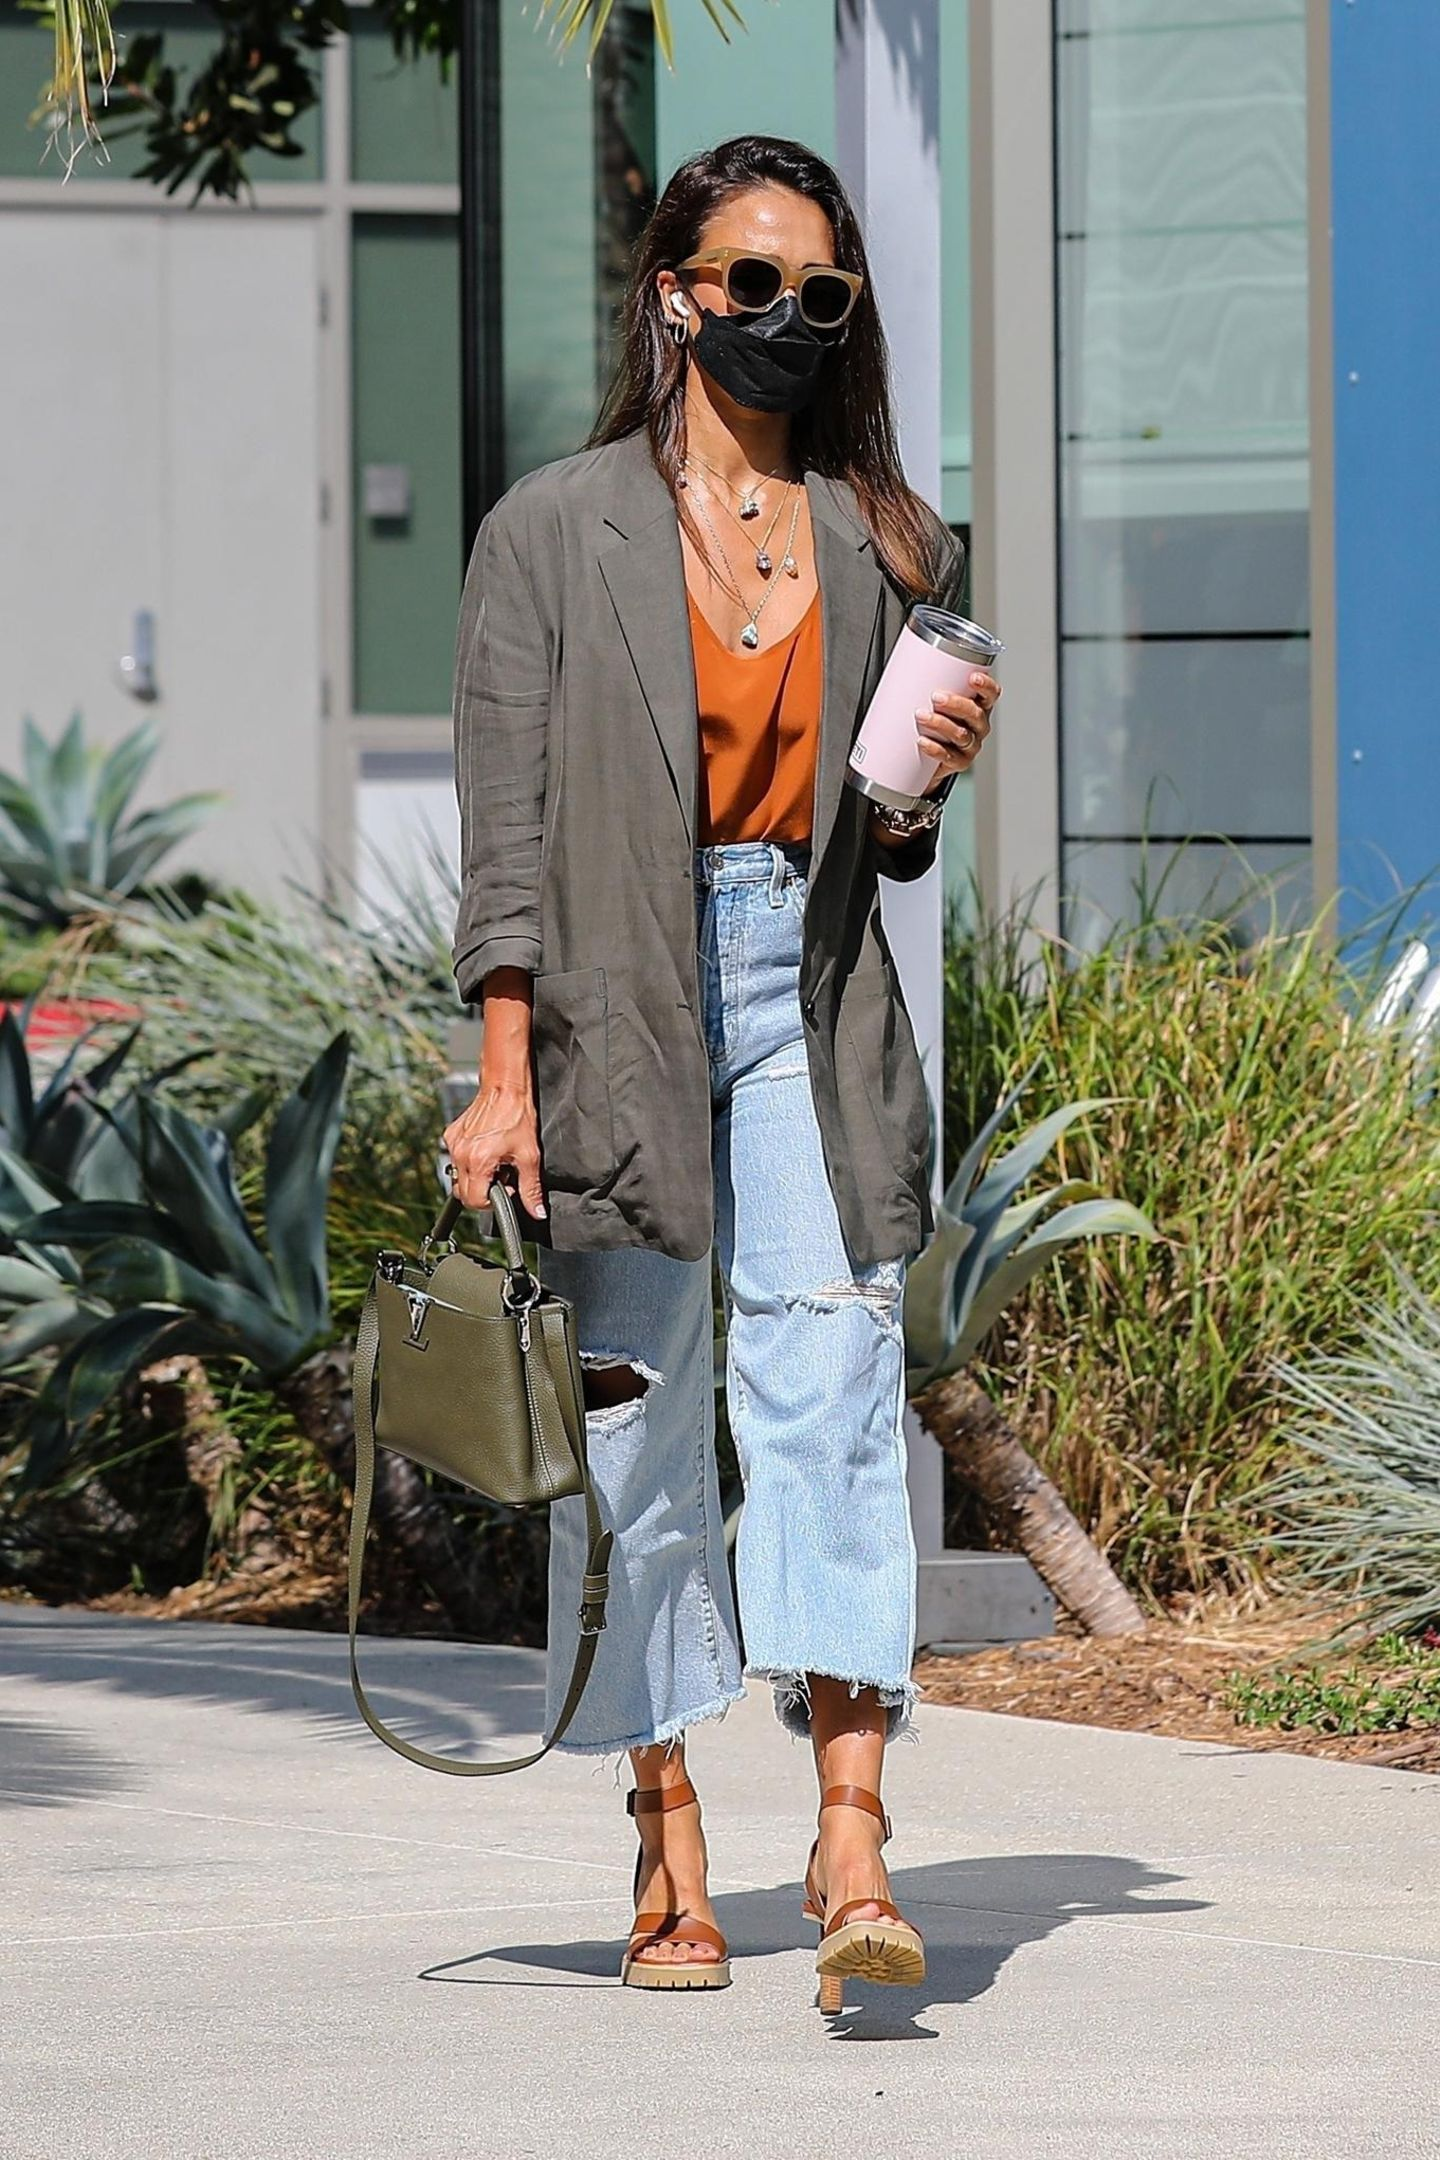 XL-Blazer, zerrissene Jeans und ein luftiges Satin-Top: Jessica Alba hat den Übergangslook bis ins letzte Detail perfektioniert. Vor allem die Accessoires sind wahre Schätze und hoch exklusiv. So trägt sie braune Sandalen von Tamara Mellin für ca. 595 Euro, eine Tasche von Louis Vuitton für 3.900 Euro und einer Mia-Farrow-Sonnenbrille.